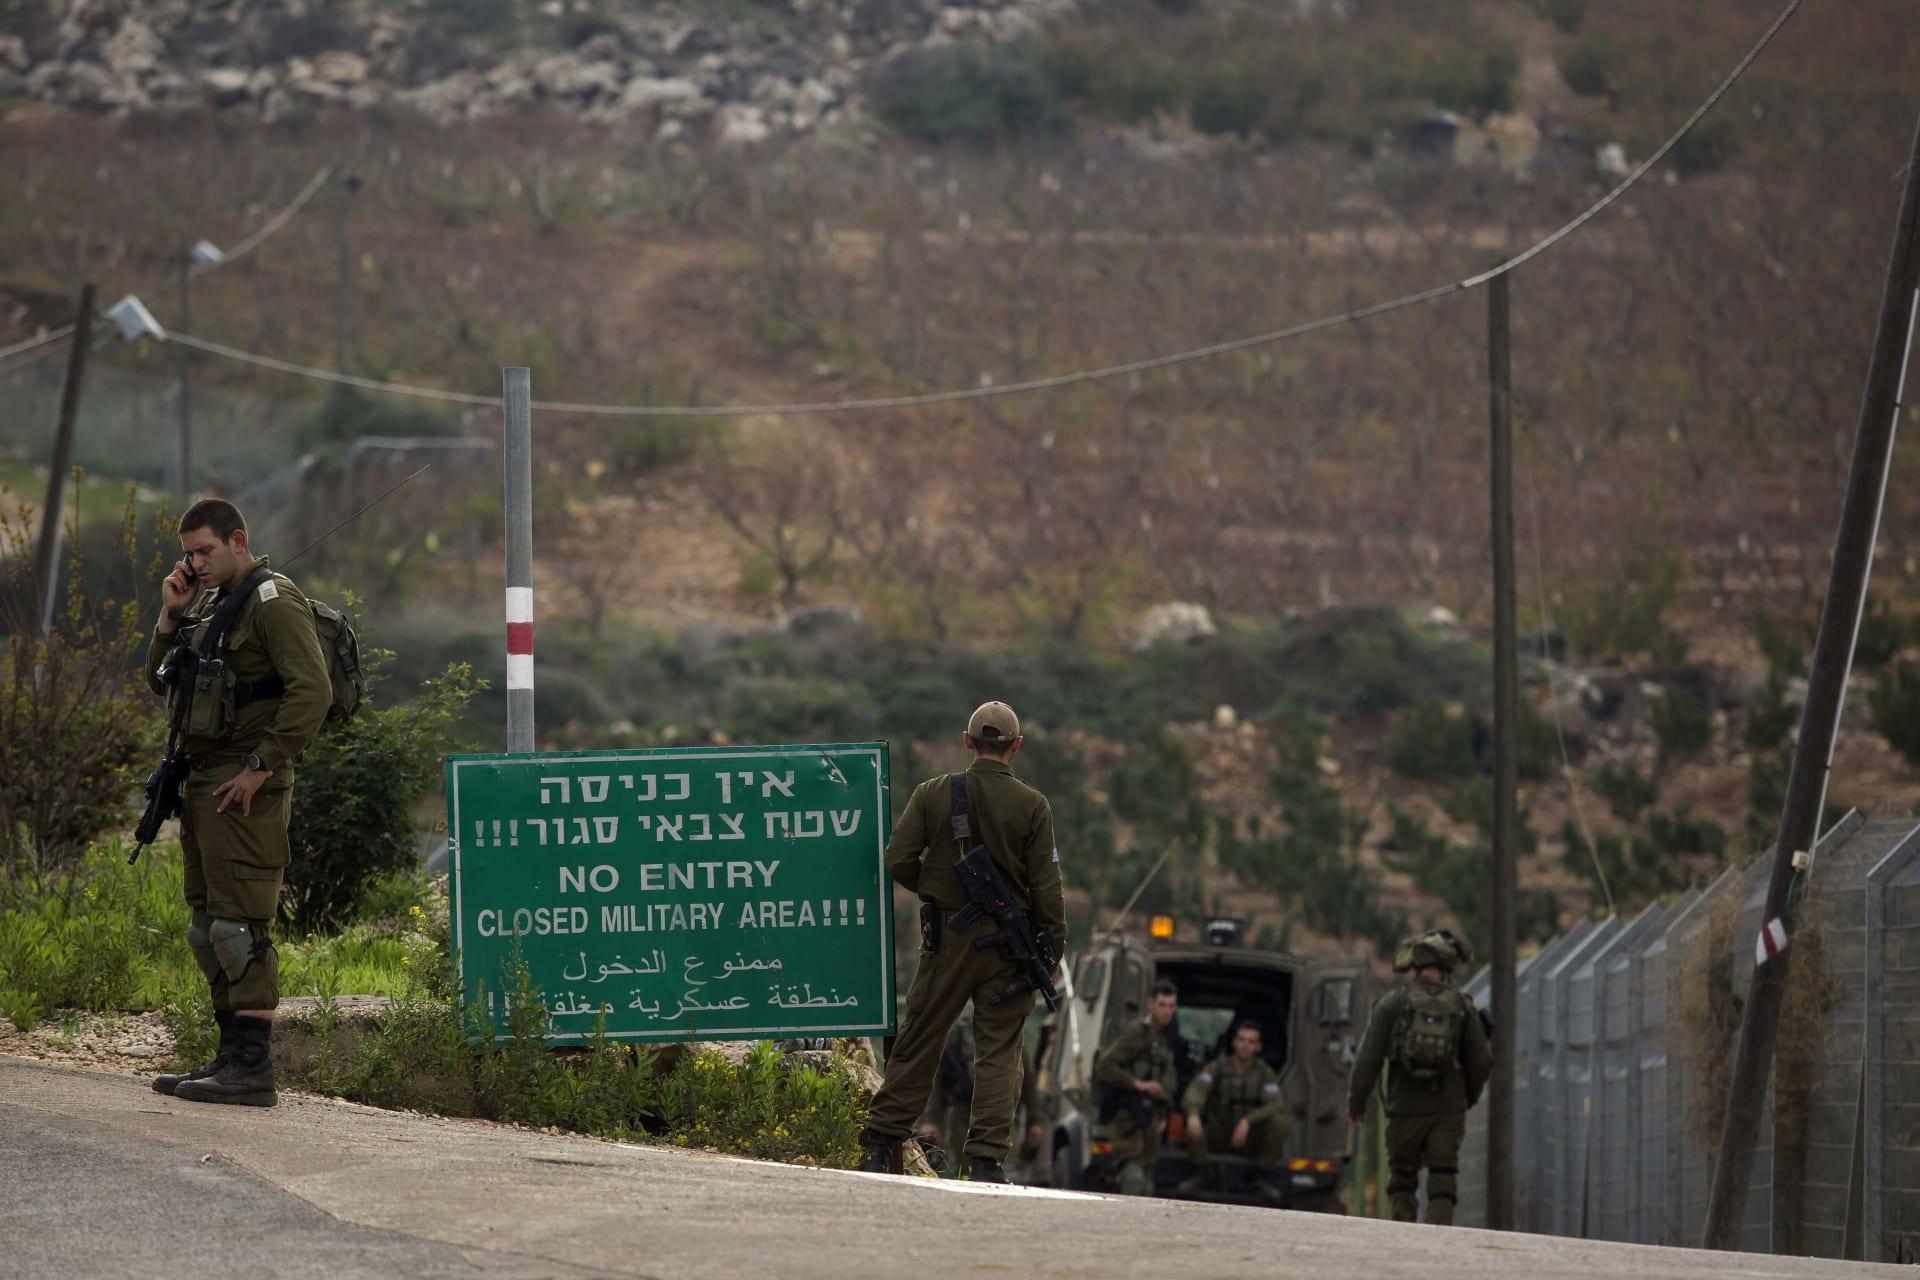 صورة أرشيفية لجنود إسرائيليين قرب الحدود اللبنانية